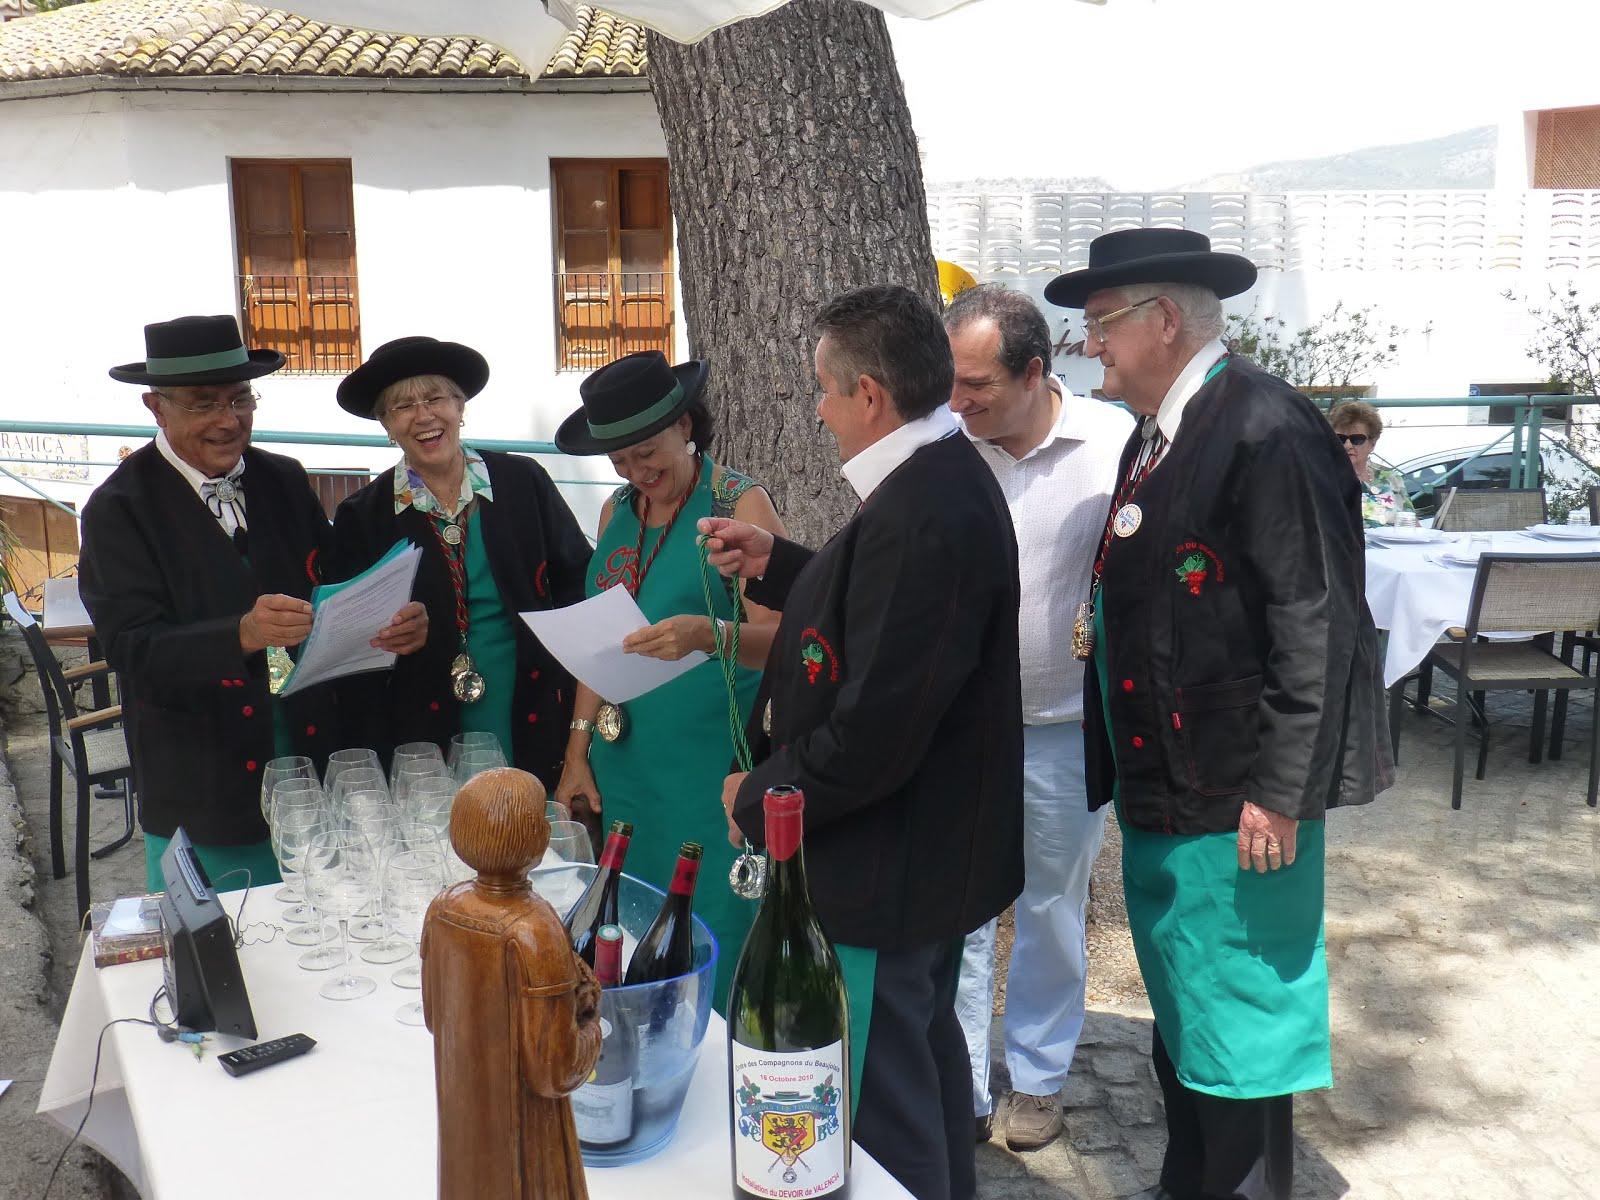 Les Compagnons du Beaujolais